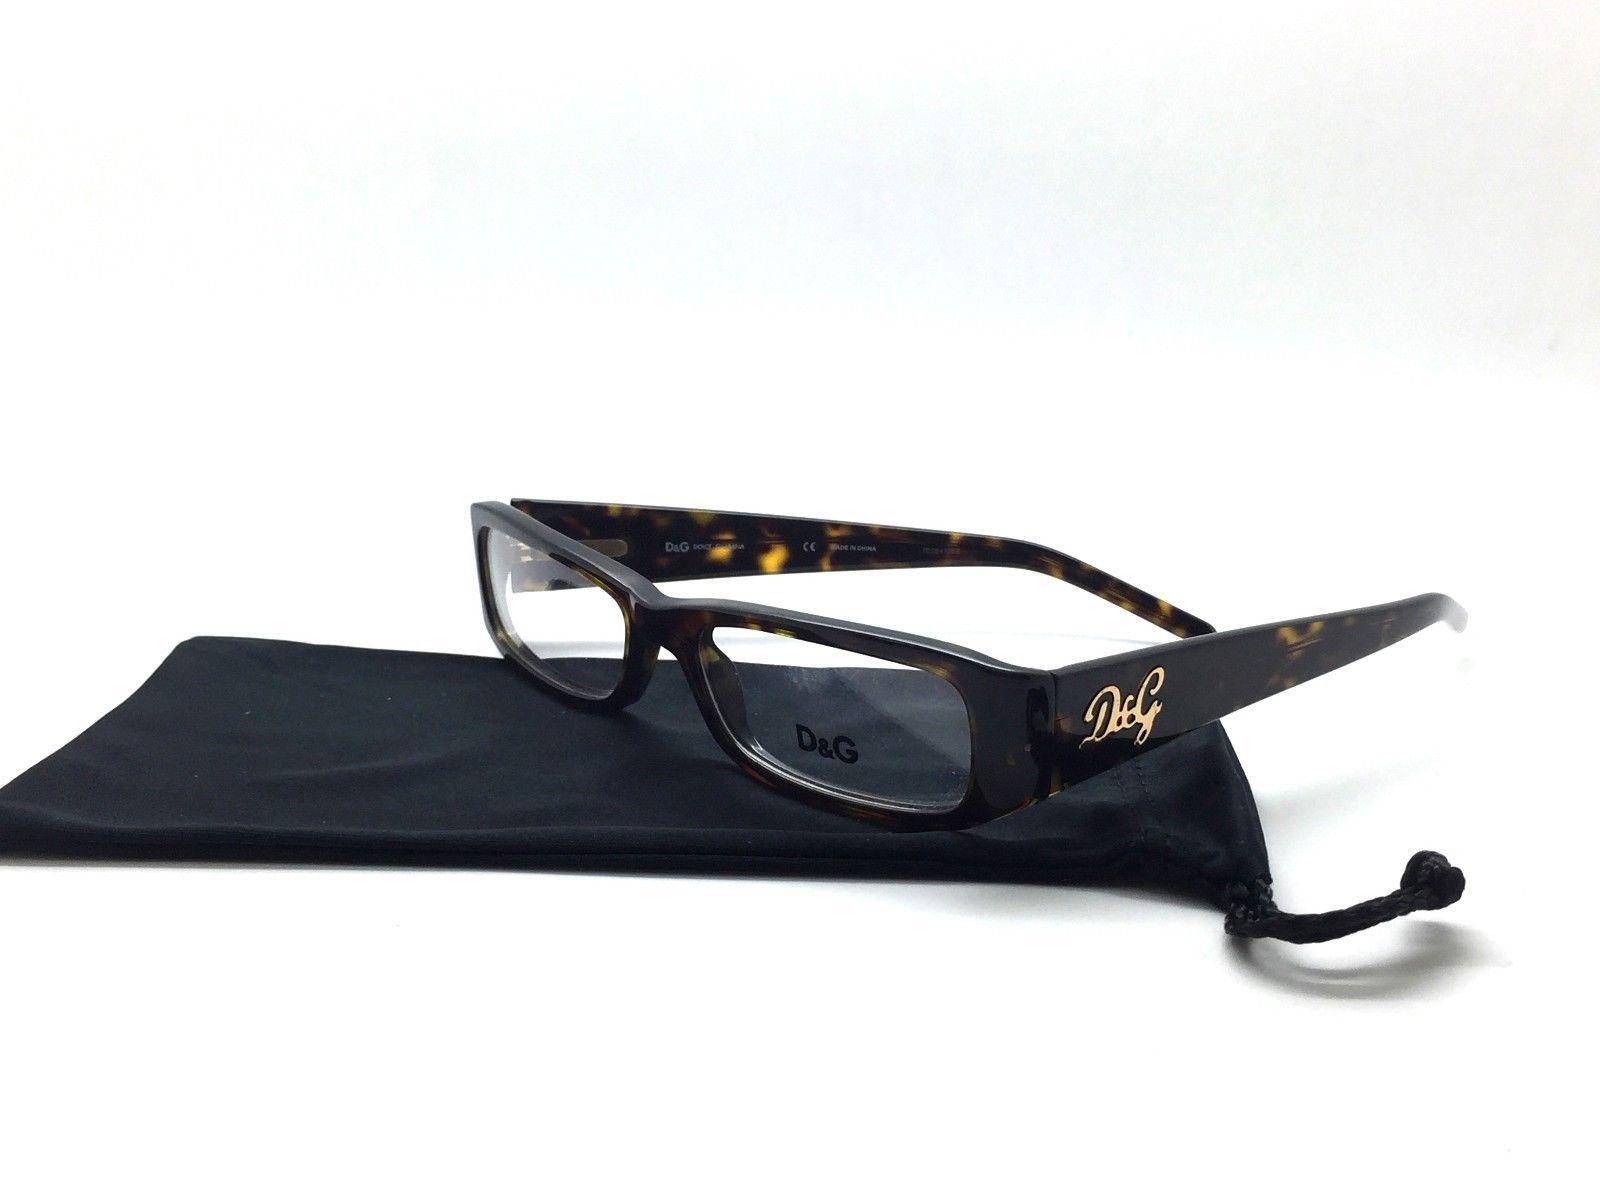 74d680349bb Dolce   Gabbana Tortue Lunettes de Vue D g 1135 Marron 502 Authentique  51-16-135